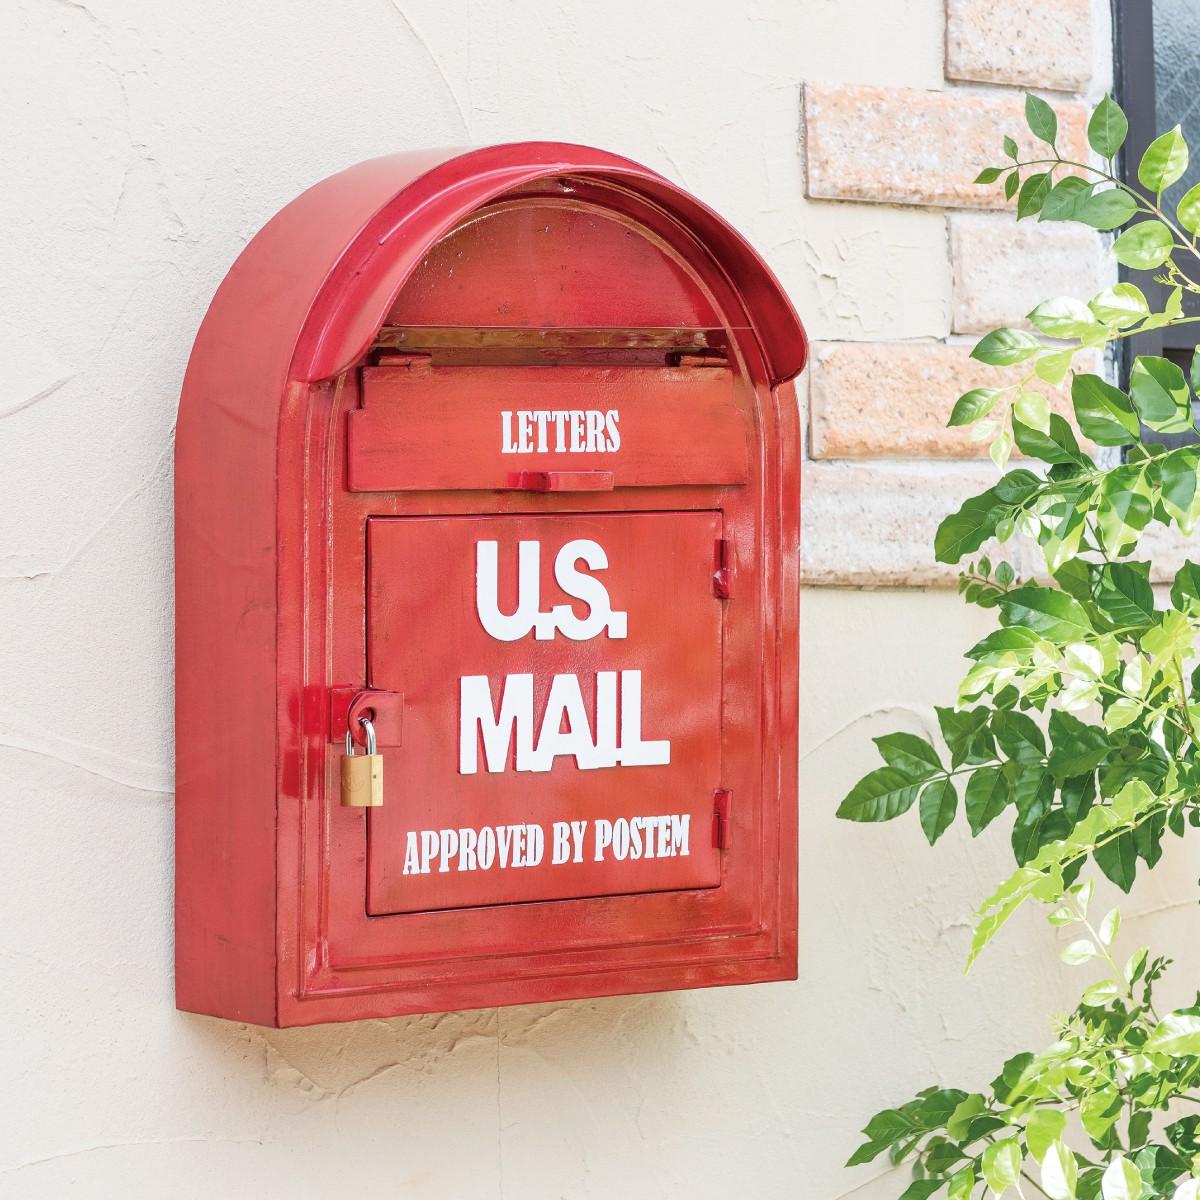 ポスト 壁掛け 鍵付き おしゃれ ウォールポスト アメリカ USA メールボックス アメリカンヴィンテージ ビンテージ 赤 レッド U.S. MAIL 返品不可 キャンセル不可